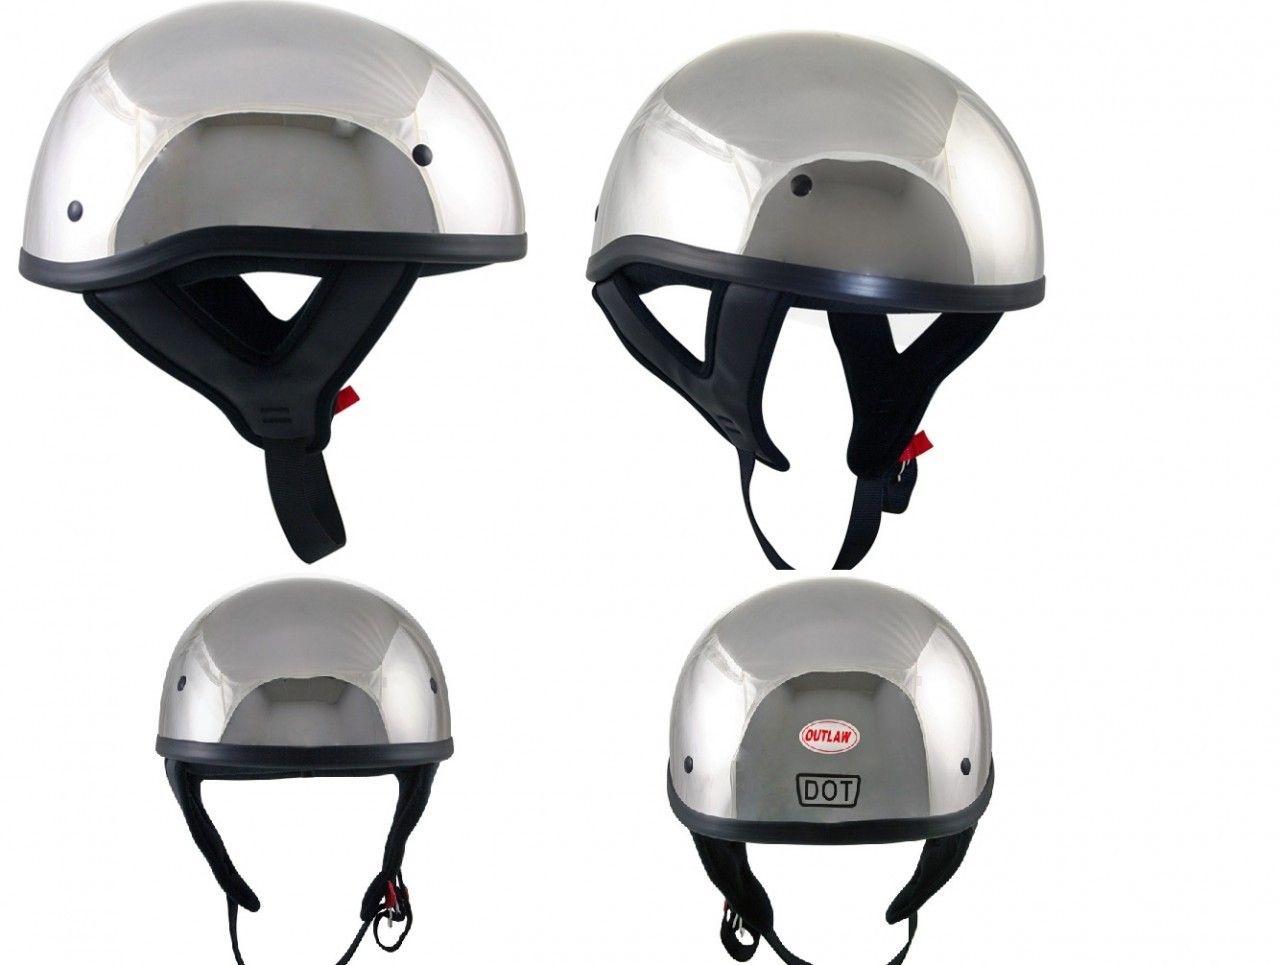 International Biker Mall Dot Chrome Motorcycle Skull Cap